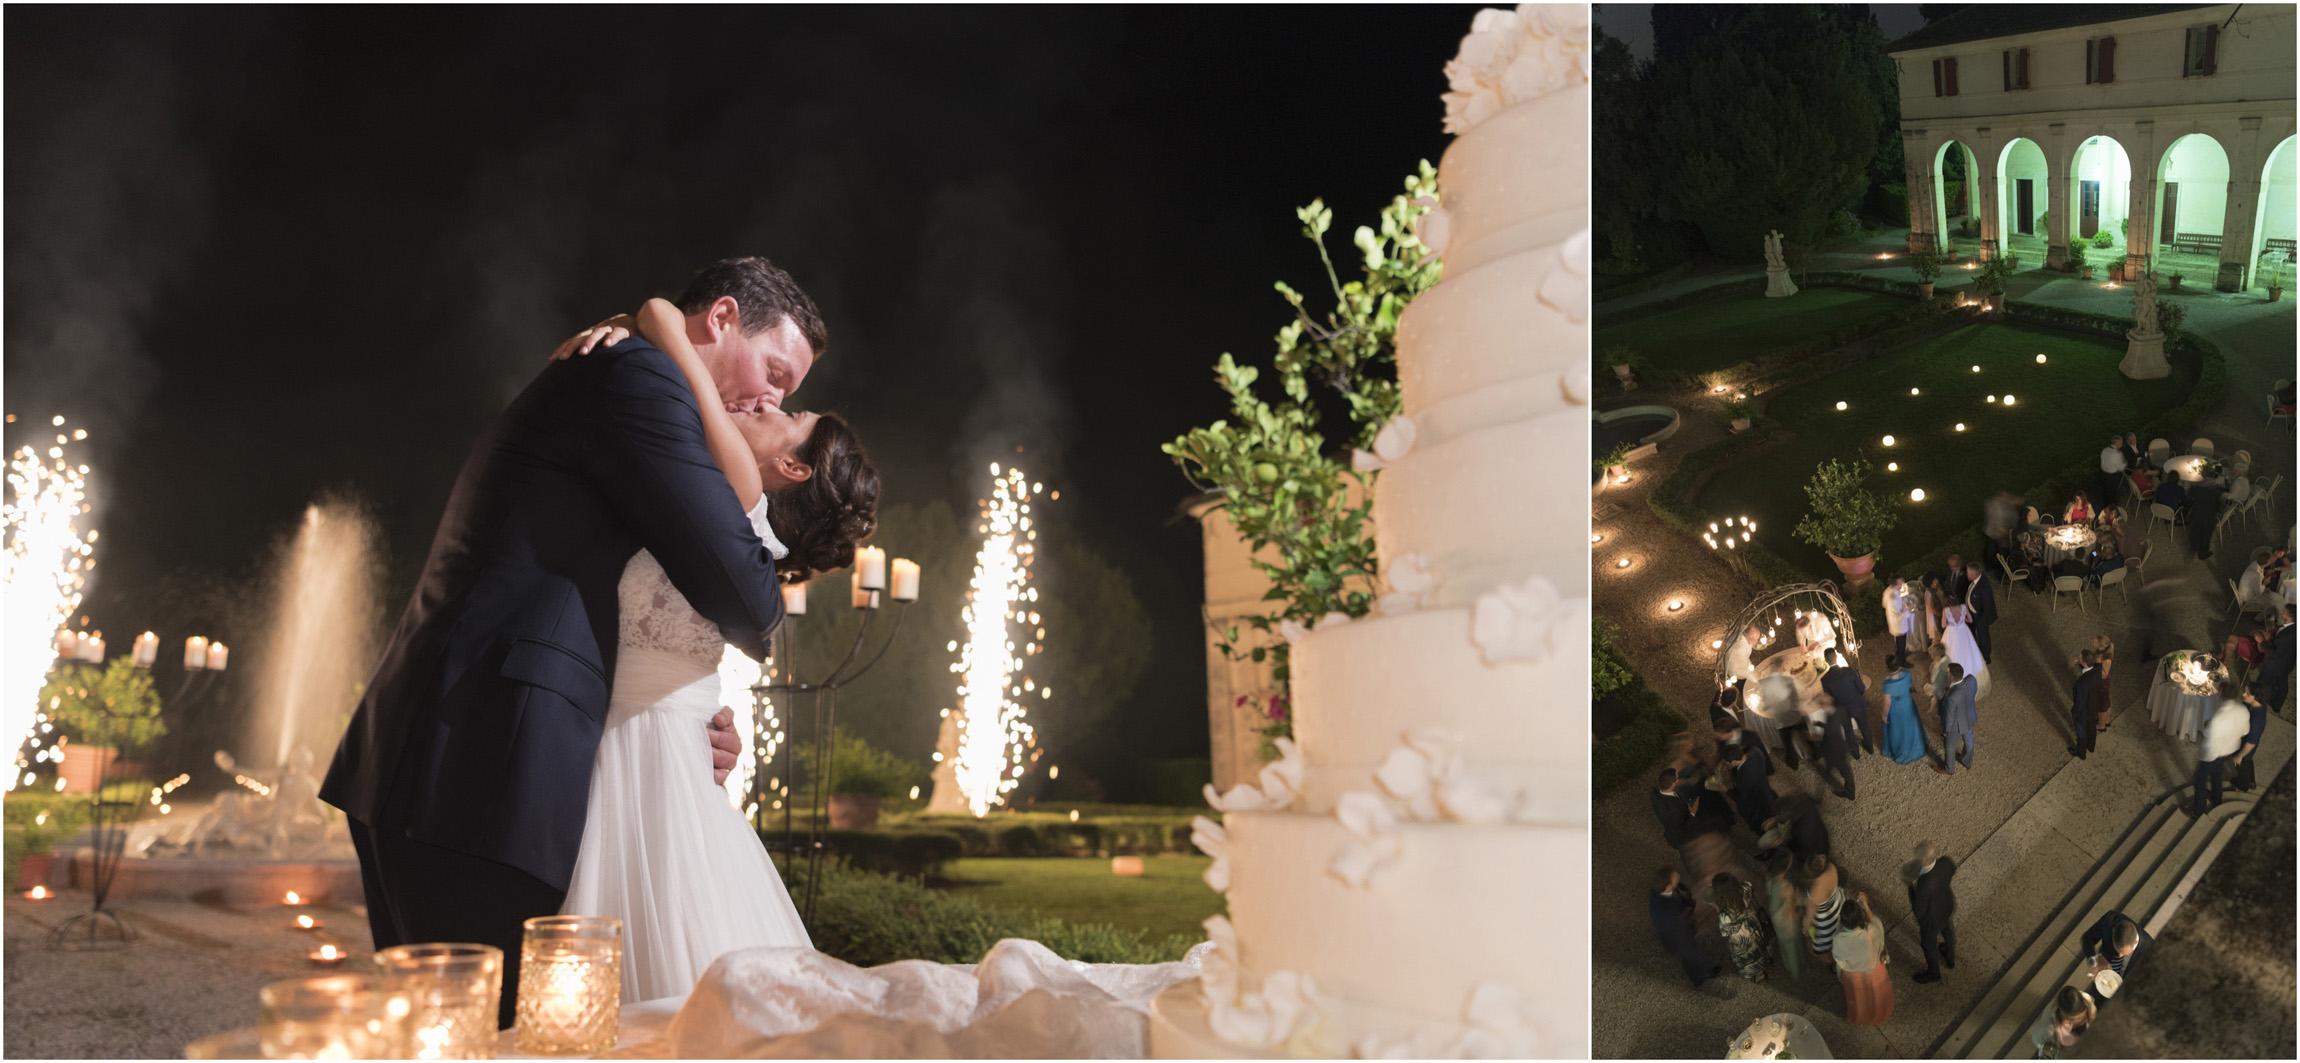 ©FianderFoto_Chira_Gigi_Wedding_Italy_076.jpg